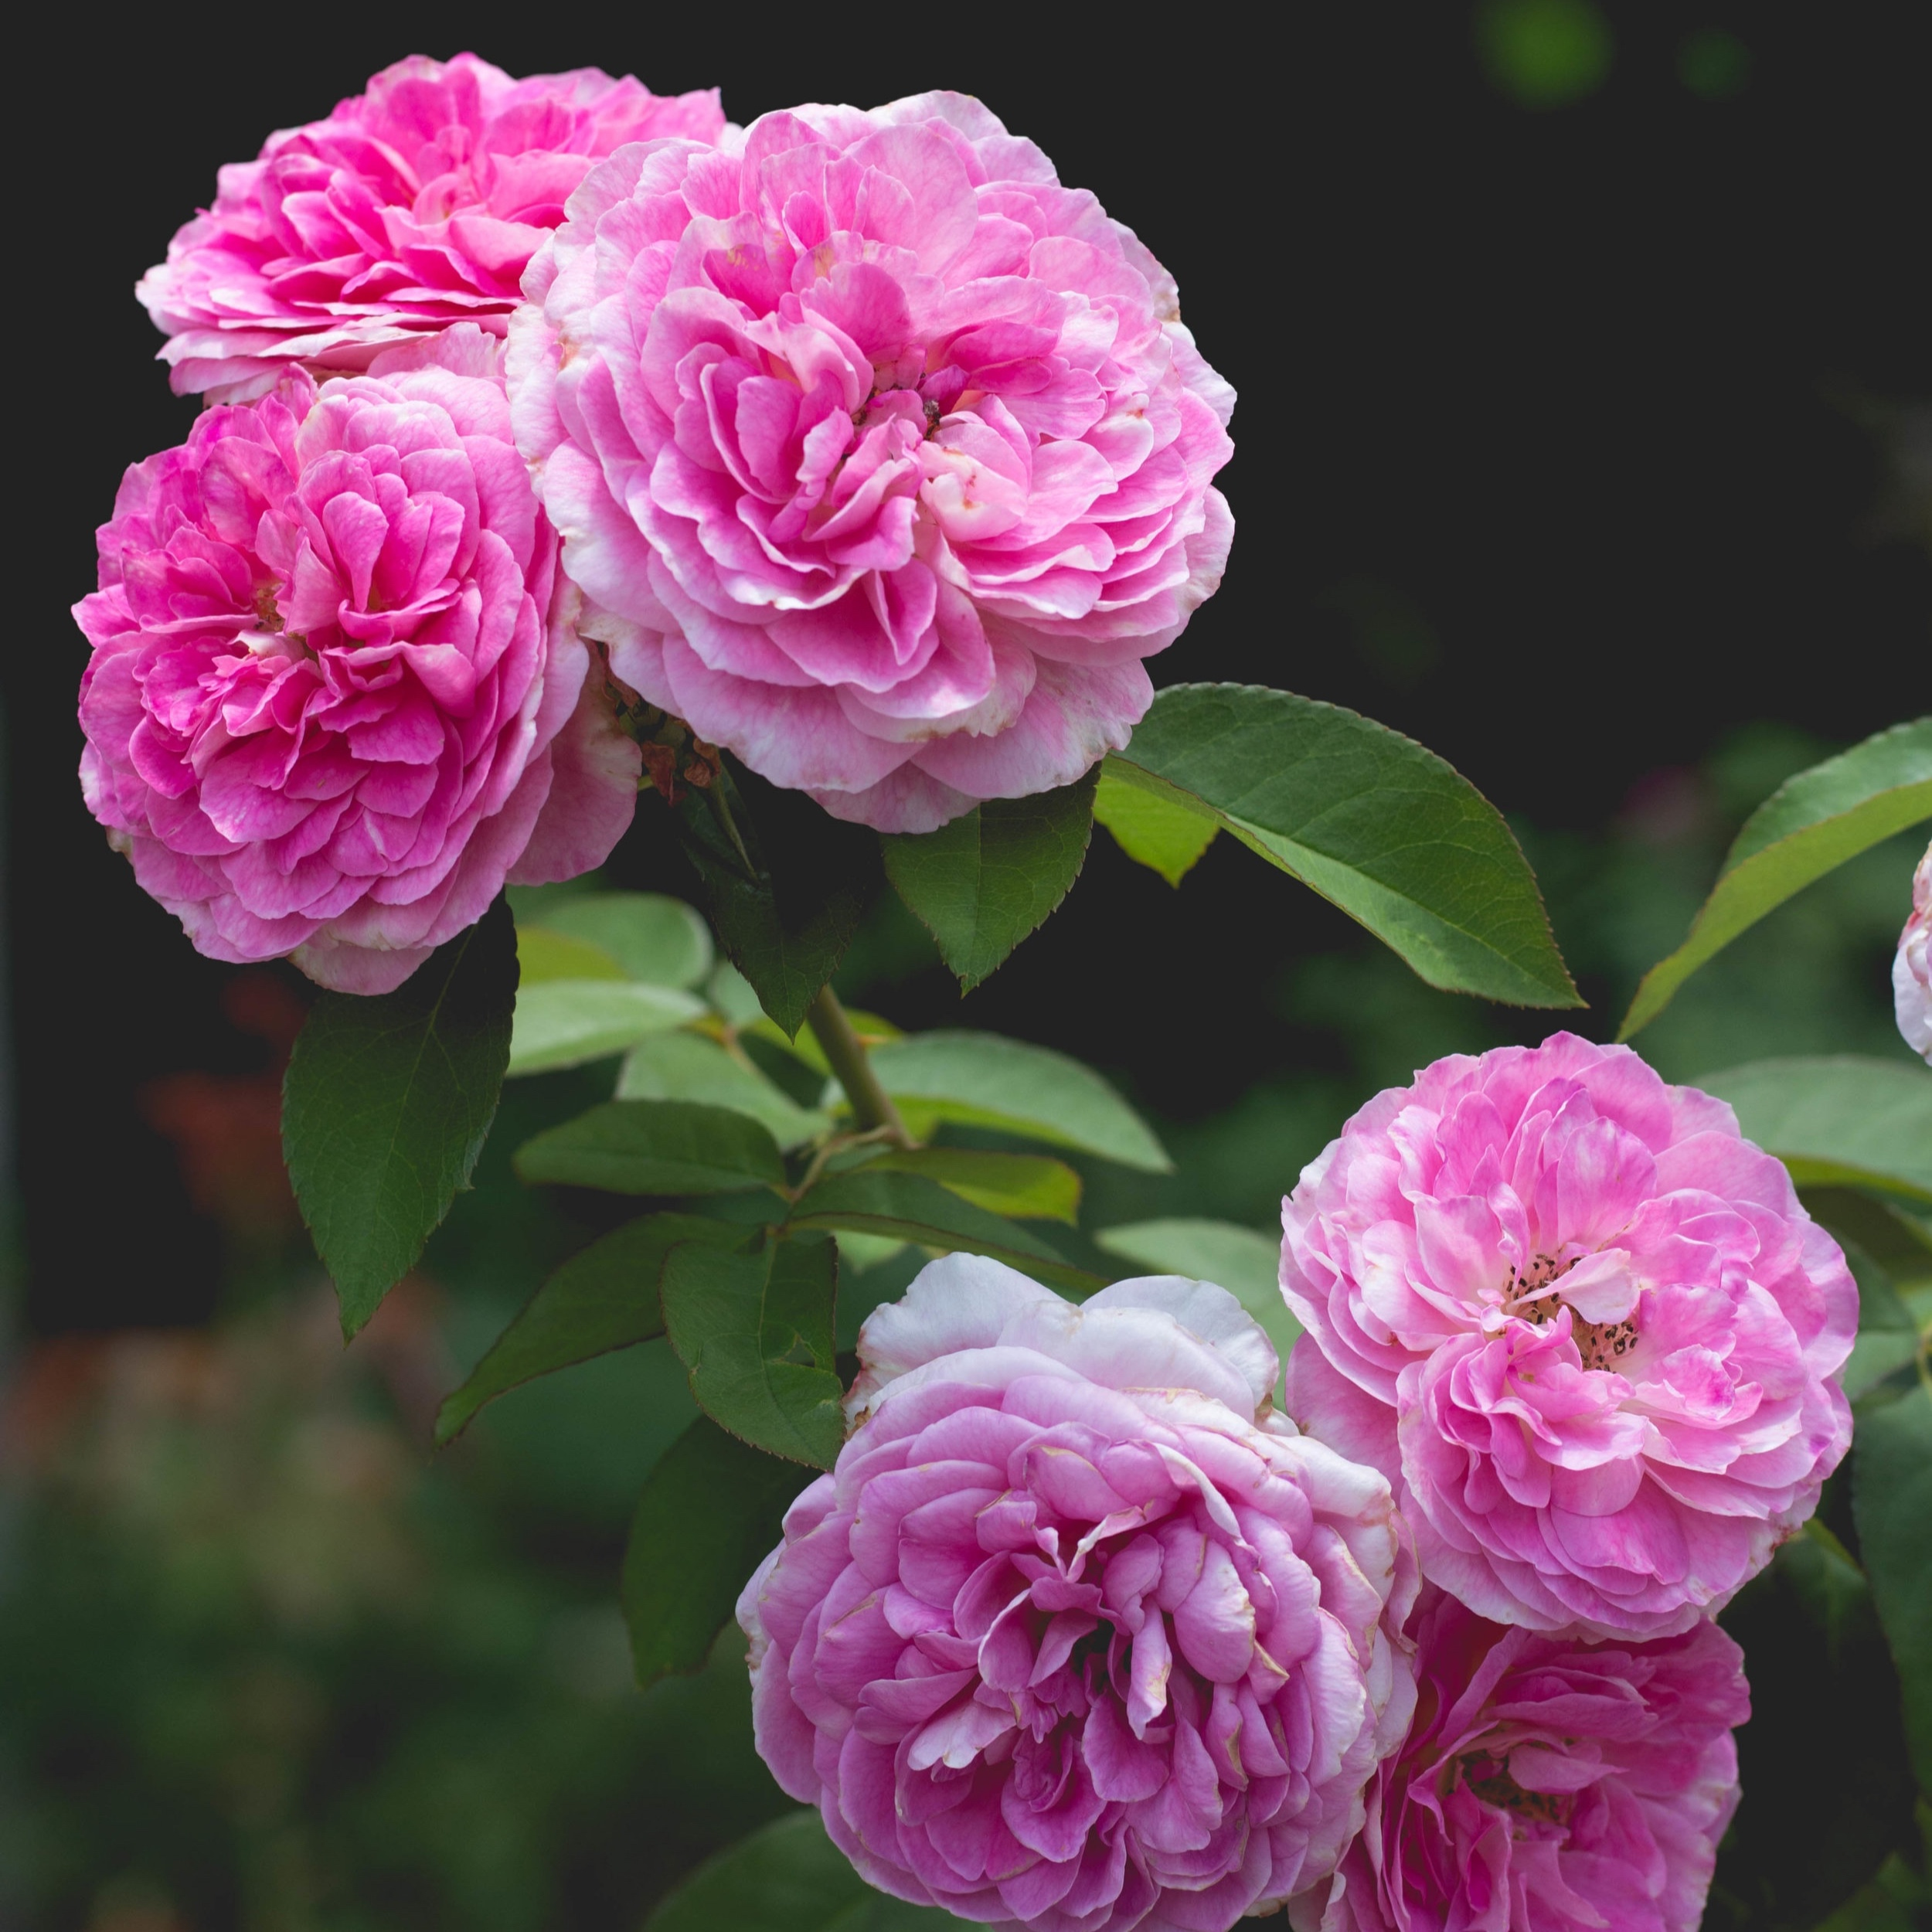 ESSENCE DE ROSE - Nom botanique : Rosa DamascenaRégions productrices : Grasse, Bulgarie, TurquieFamille Olfactive : Florale RoséeAdjectifs : fruité, épicé, poudréNote de coeur